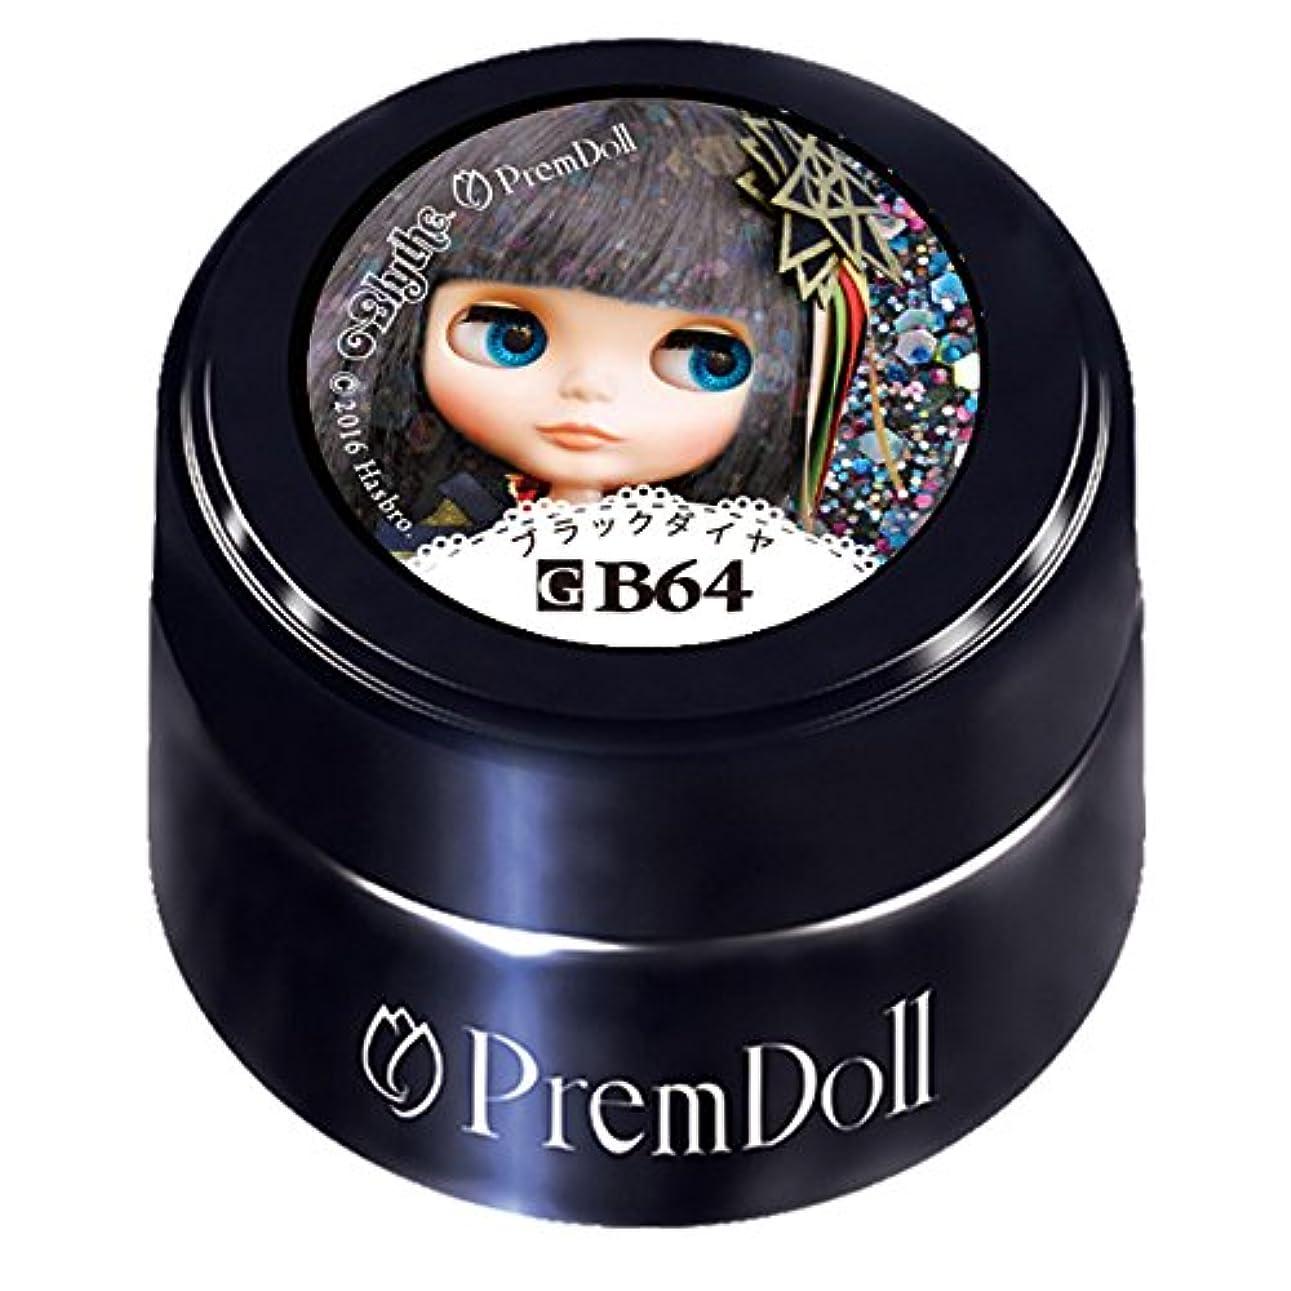 サンダー三十申請中PRE GEL プリムドール ブラックダイヤB64 3g カラージェル UV/LED対応